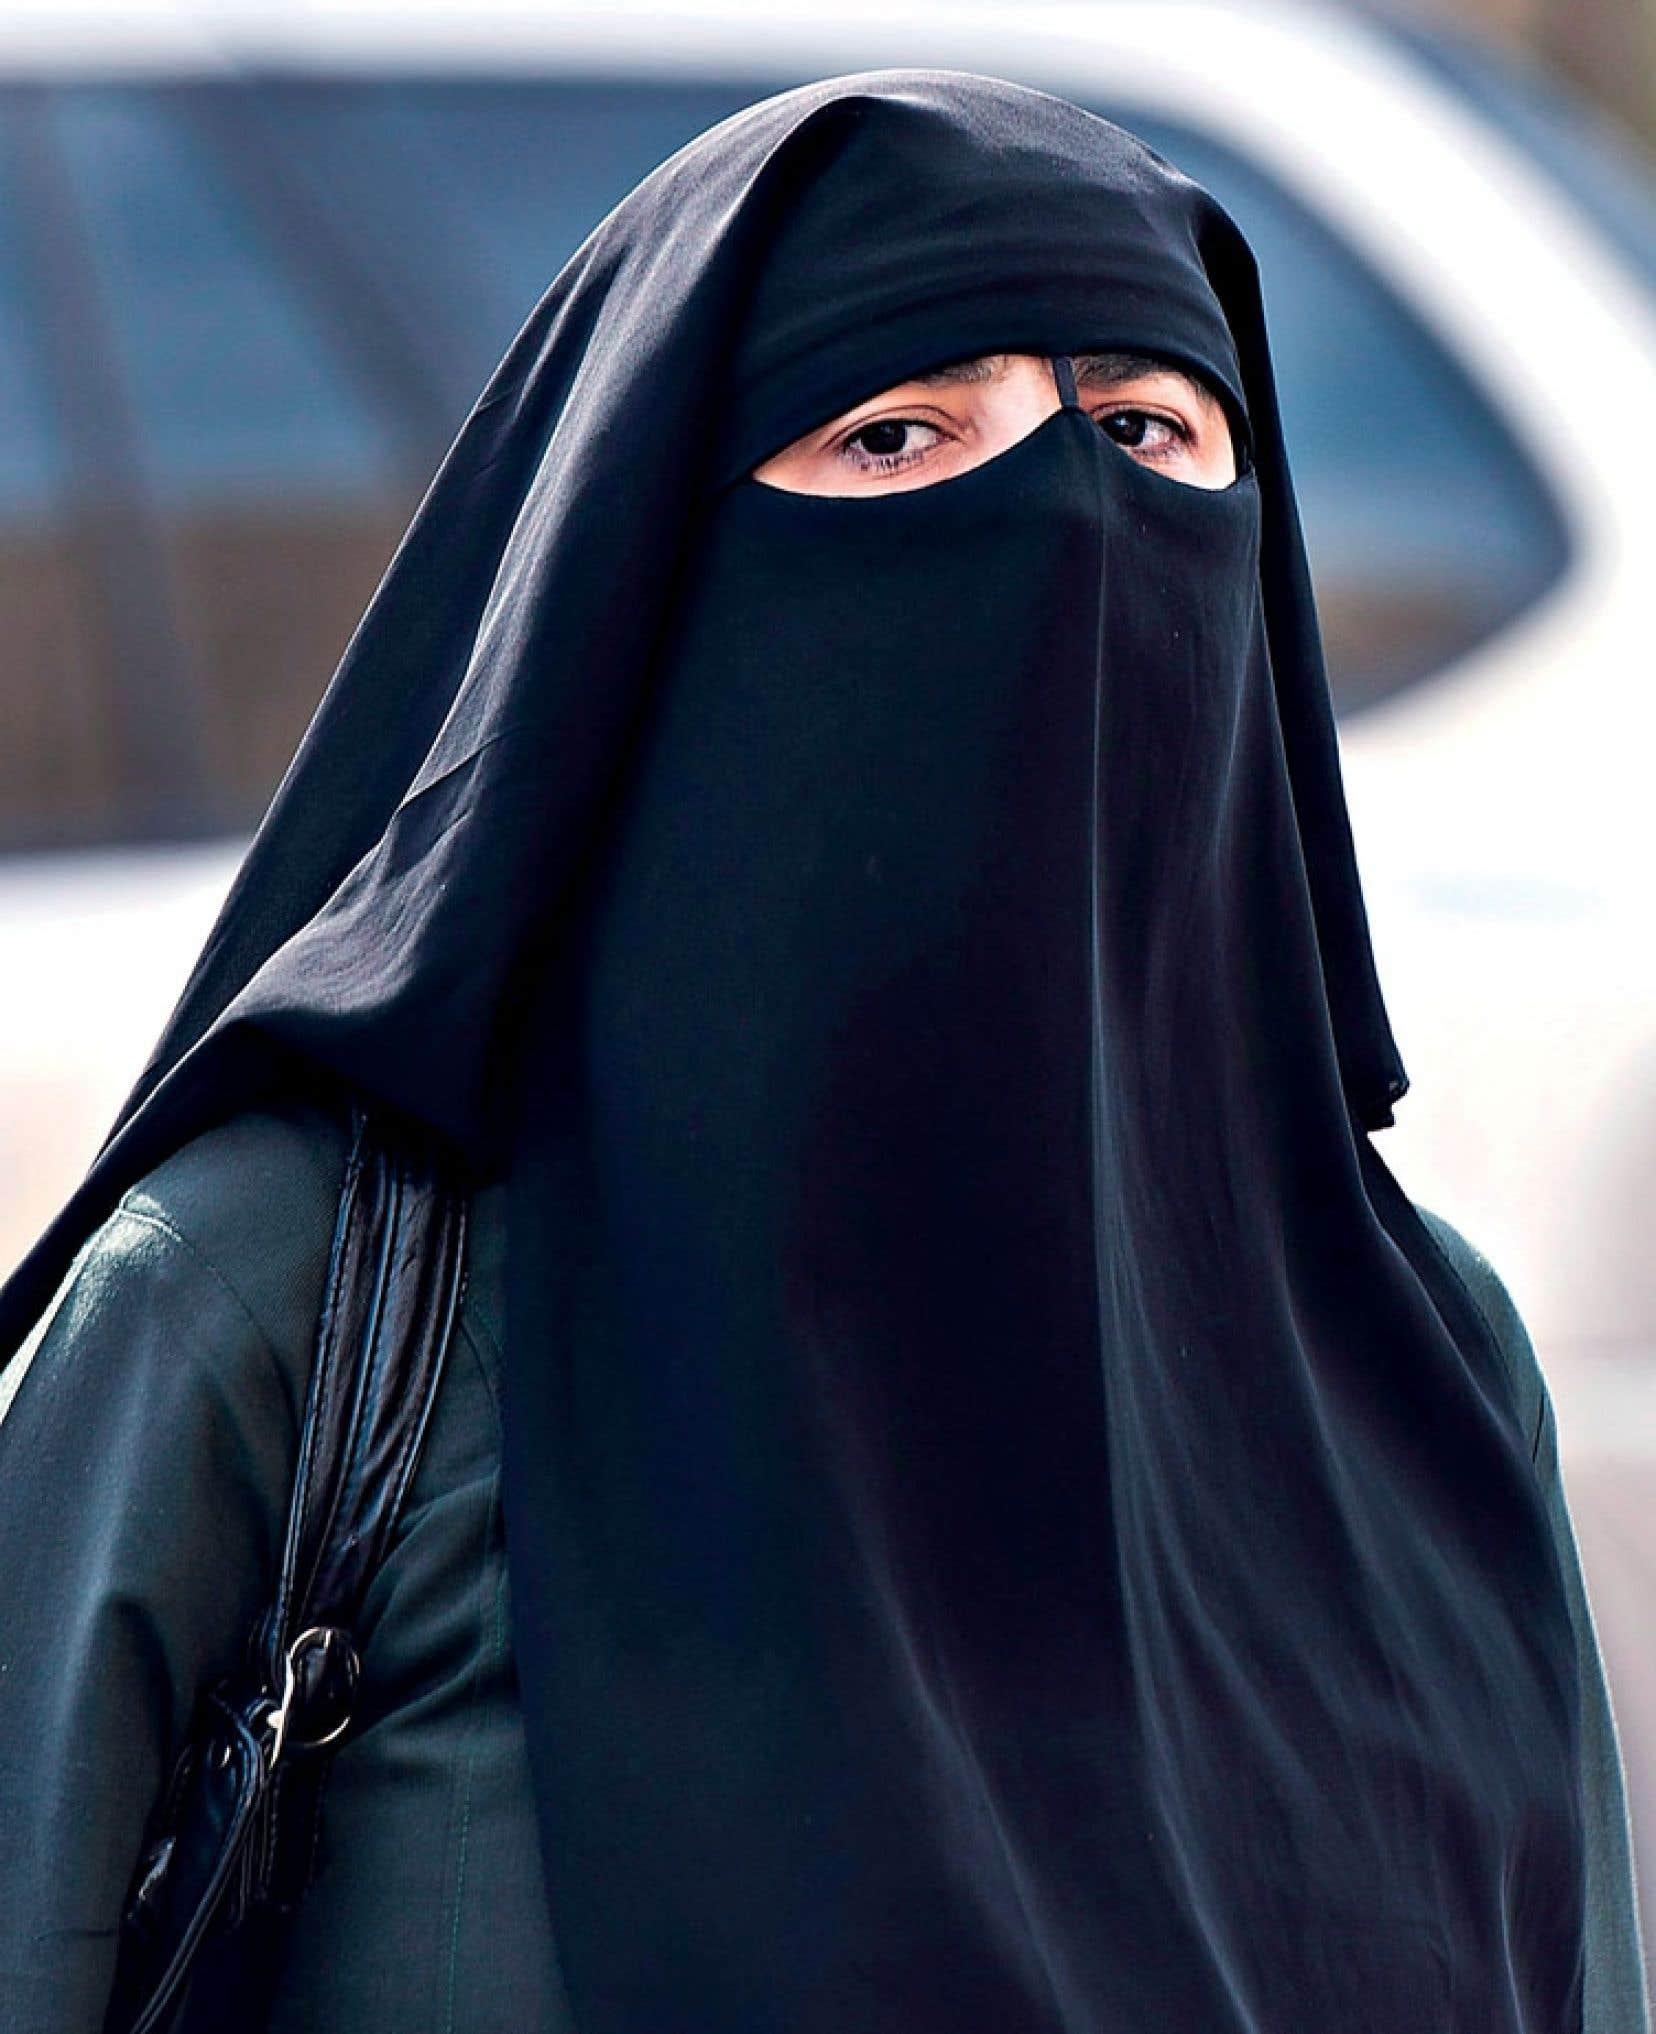 Au lendemain de l'arrêt de la Cour suprême de décembre 2012 autorisant le port du niqab (notre photo) devant les tribunaux, l'auteur appelait déjà à ce que le Québec se dote d'un modèle de laïcité particulier.